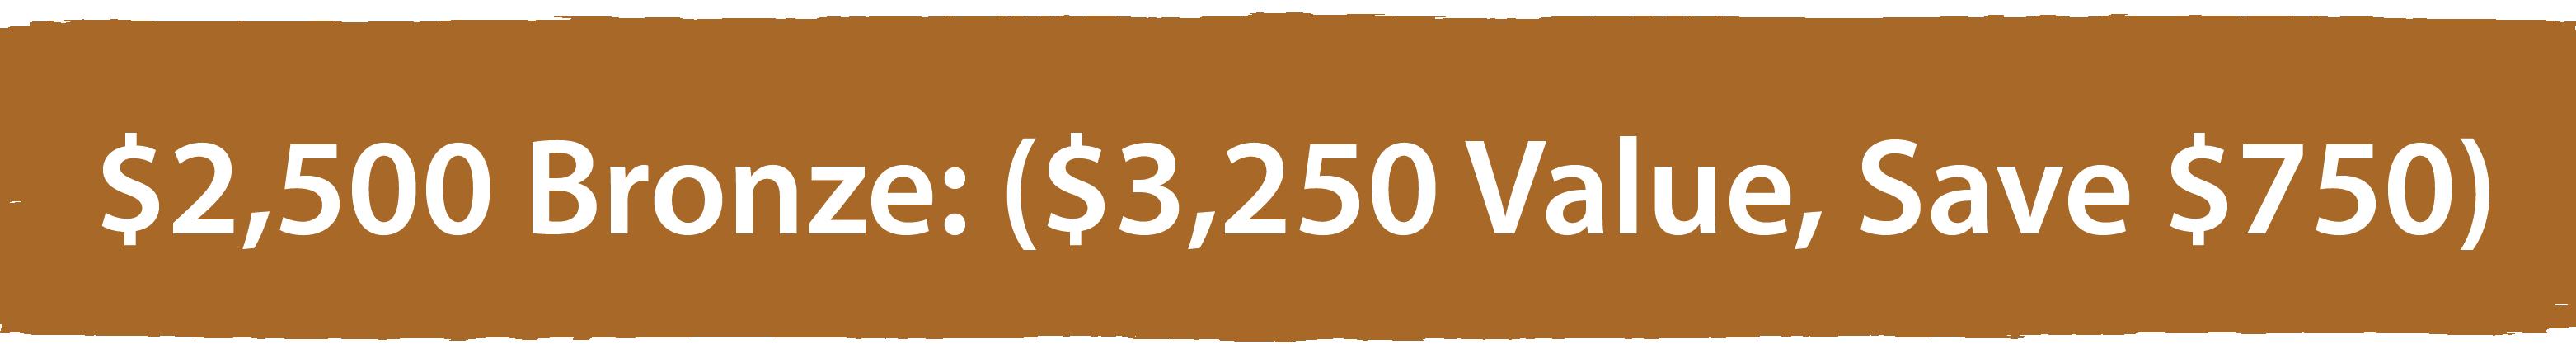 Bronze colored banner: $2,500 Platinum: ($3,250 Value)